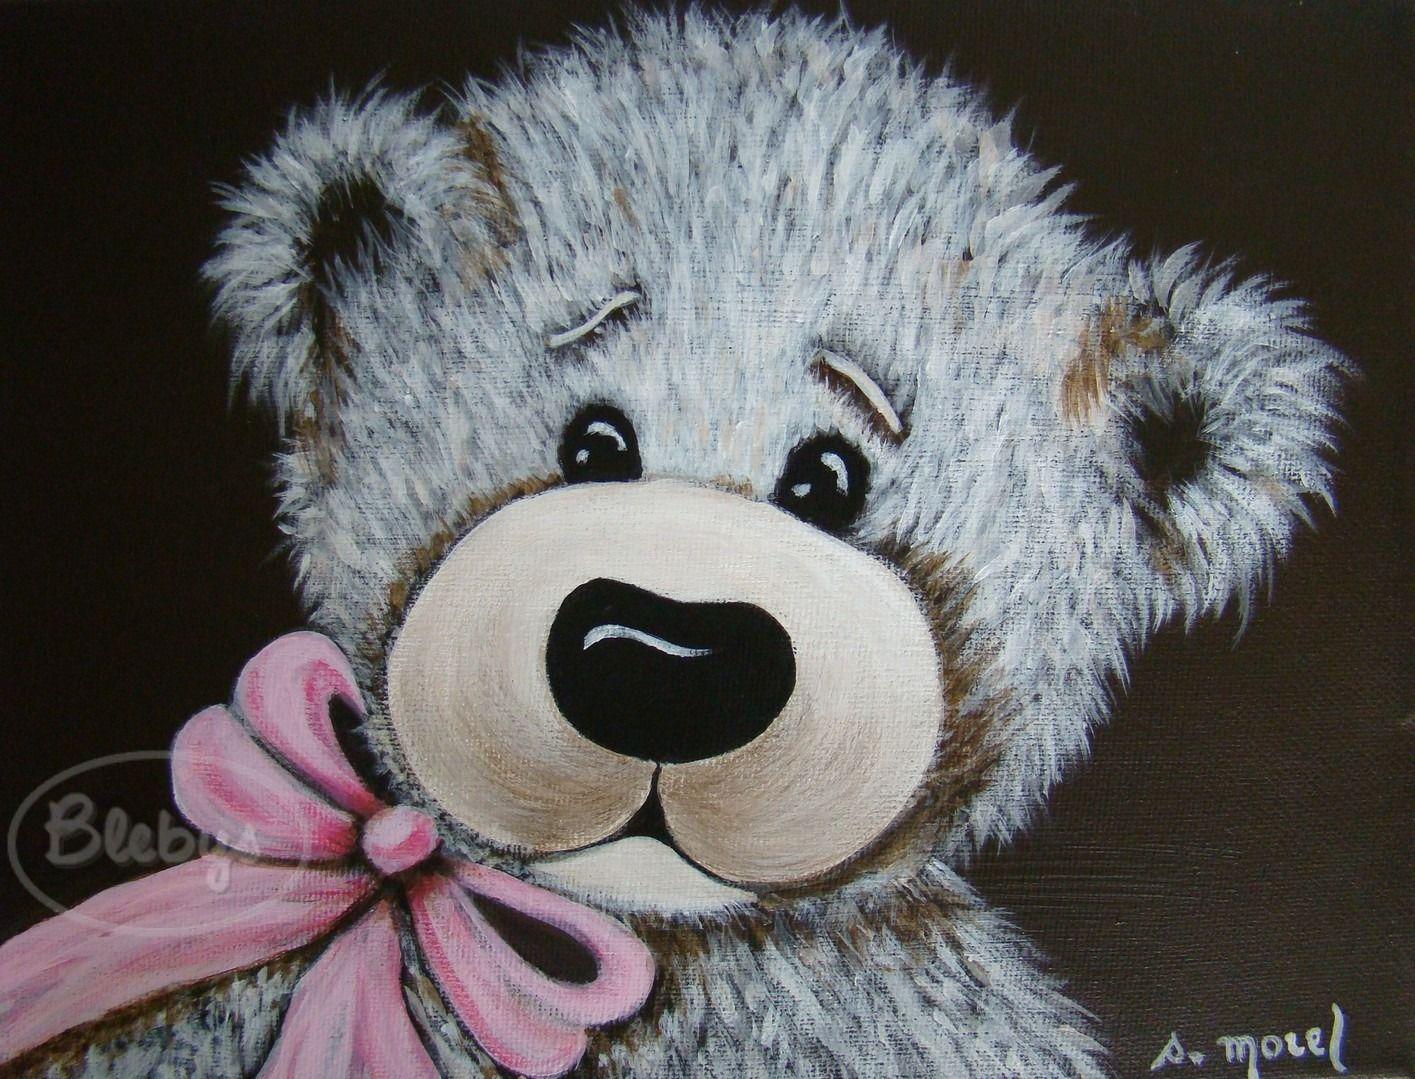 D coration pour enfant tableau peinture ours ruban rose acrylique mes pein - Pinterest tableaux peinture ...